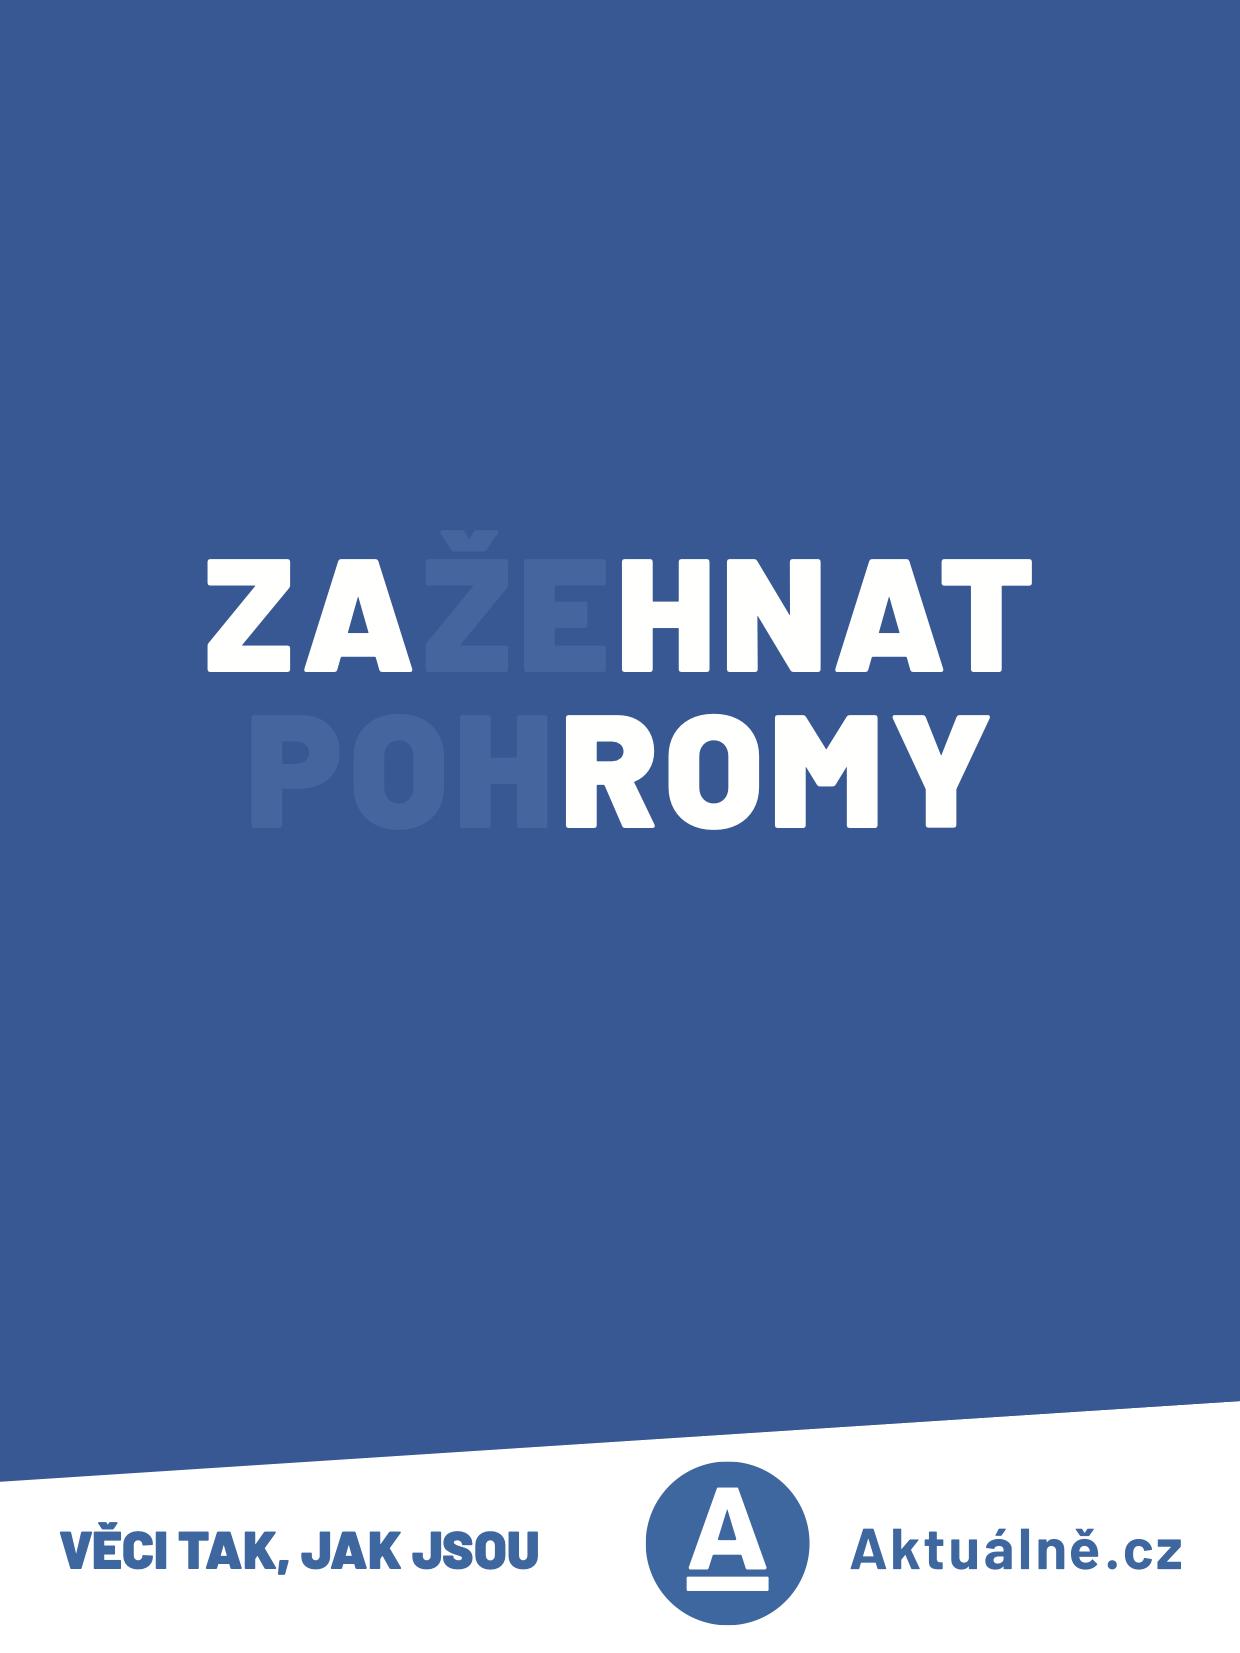 Aktuálně.cz: Věci tak, jak jsou (VCCP)